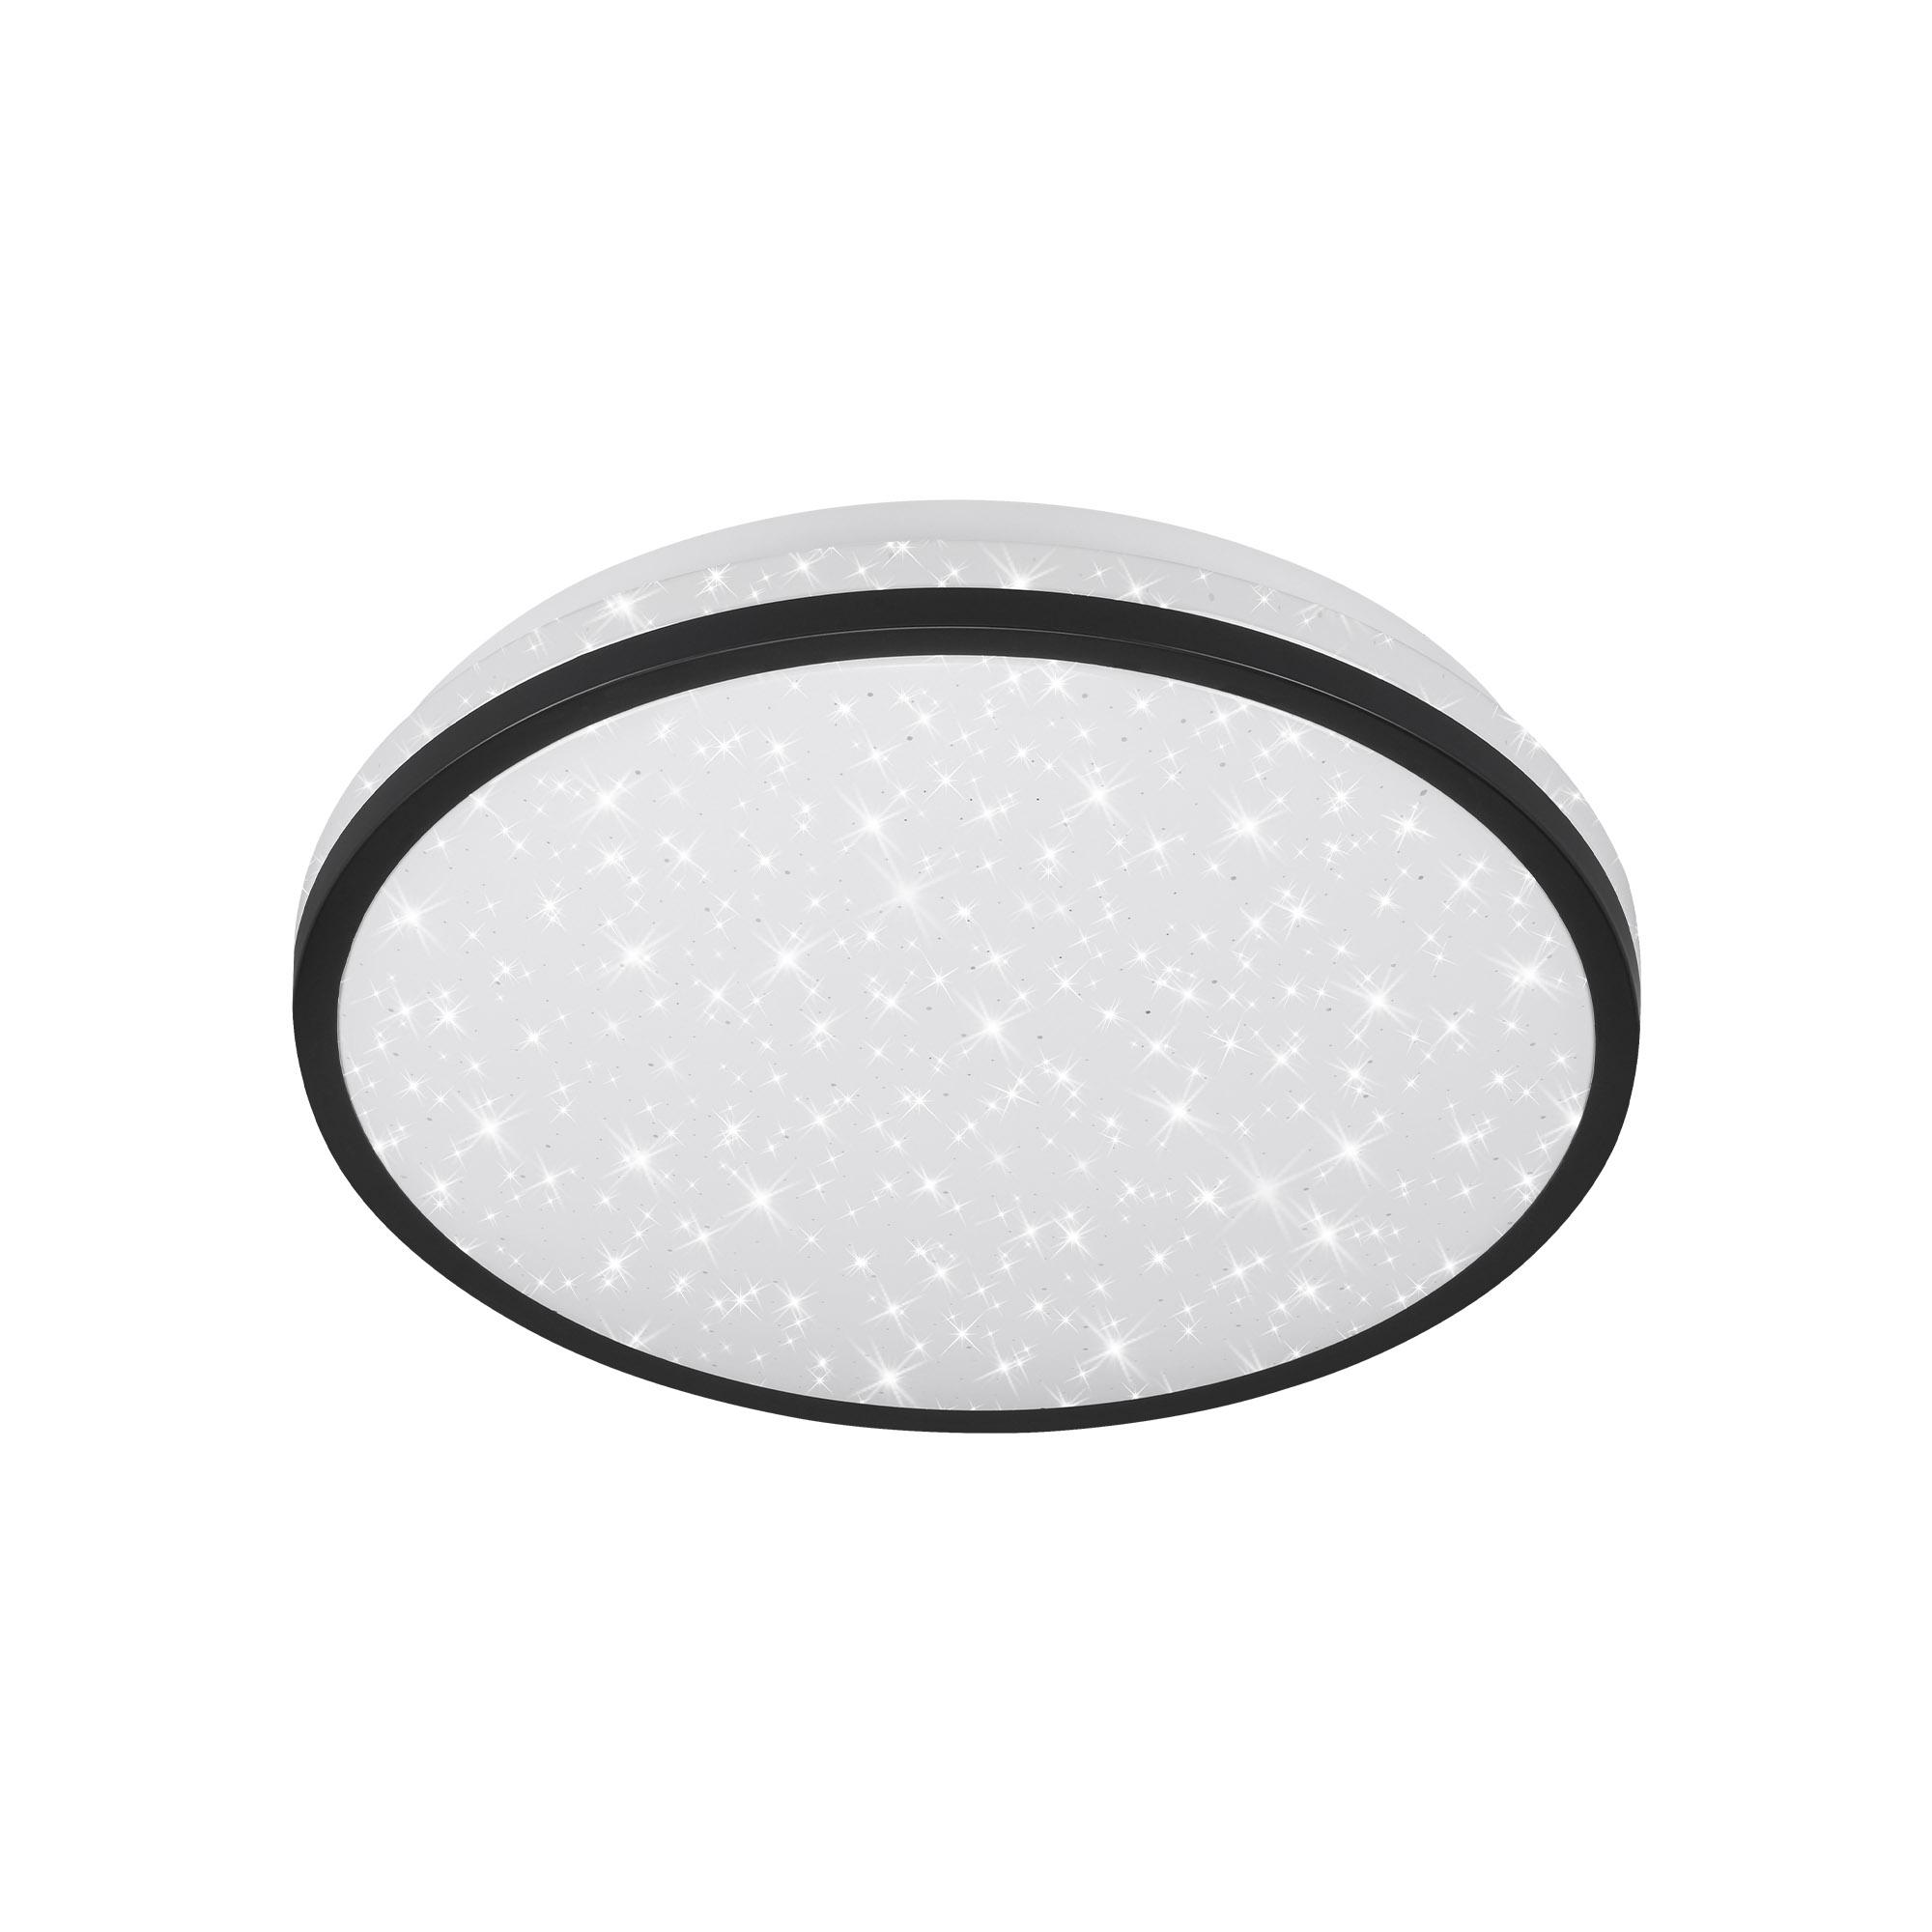 TELEFUNKEN Sensor LED Deckenleuchte, Ø 28 cm, 16 W, Schwarz